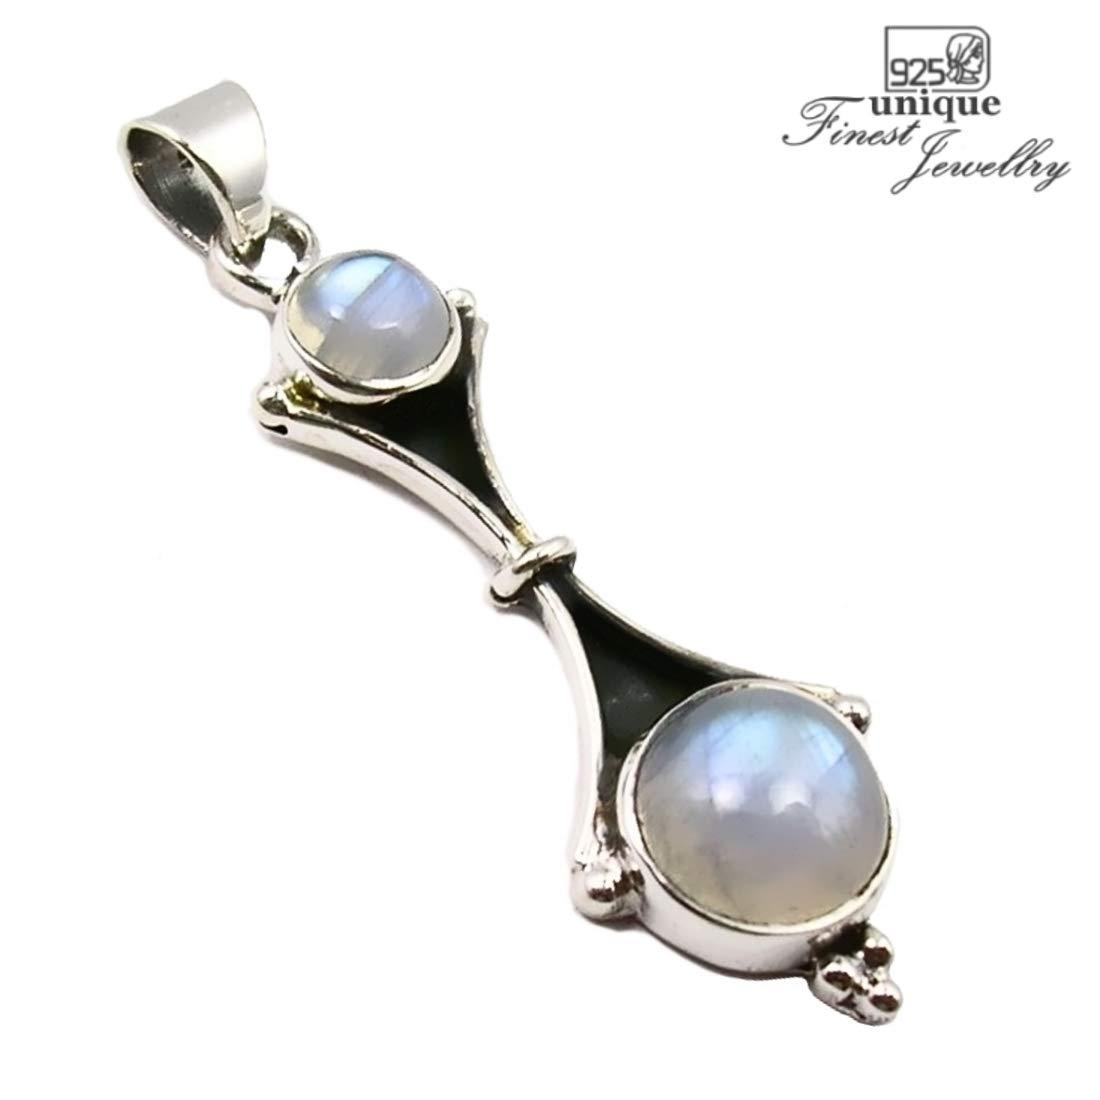 Unique pendentif pour femme pierre de lune 3.2 ct Argent 925//1000 qualit/é par bijoutier